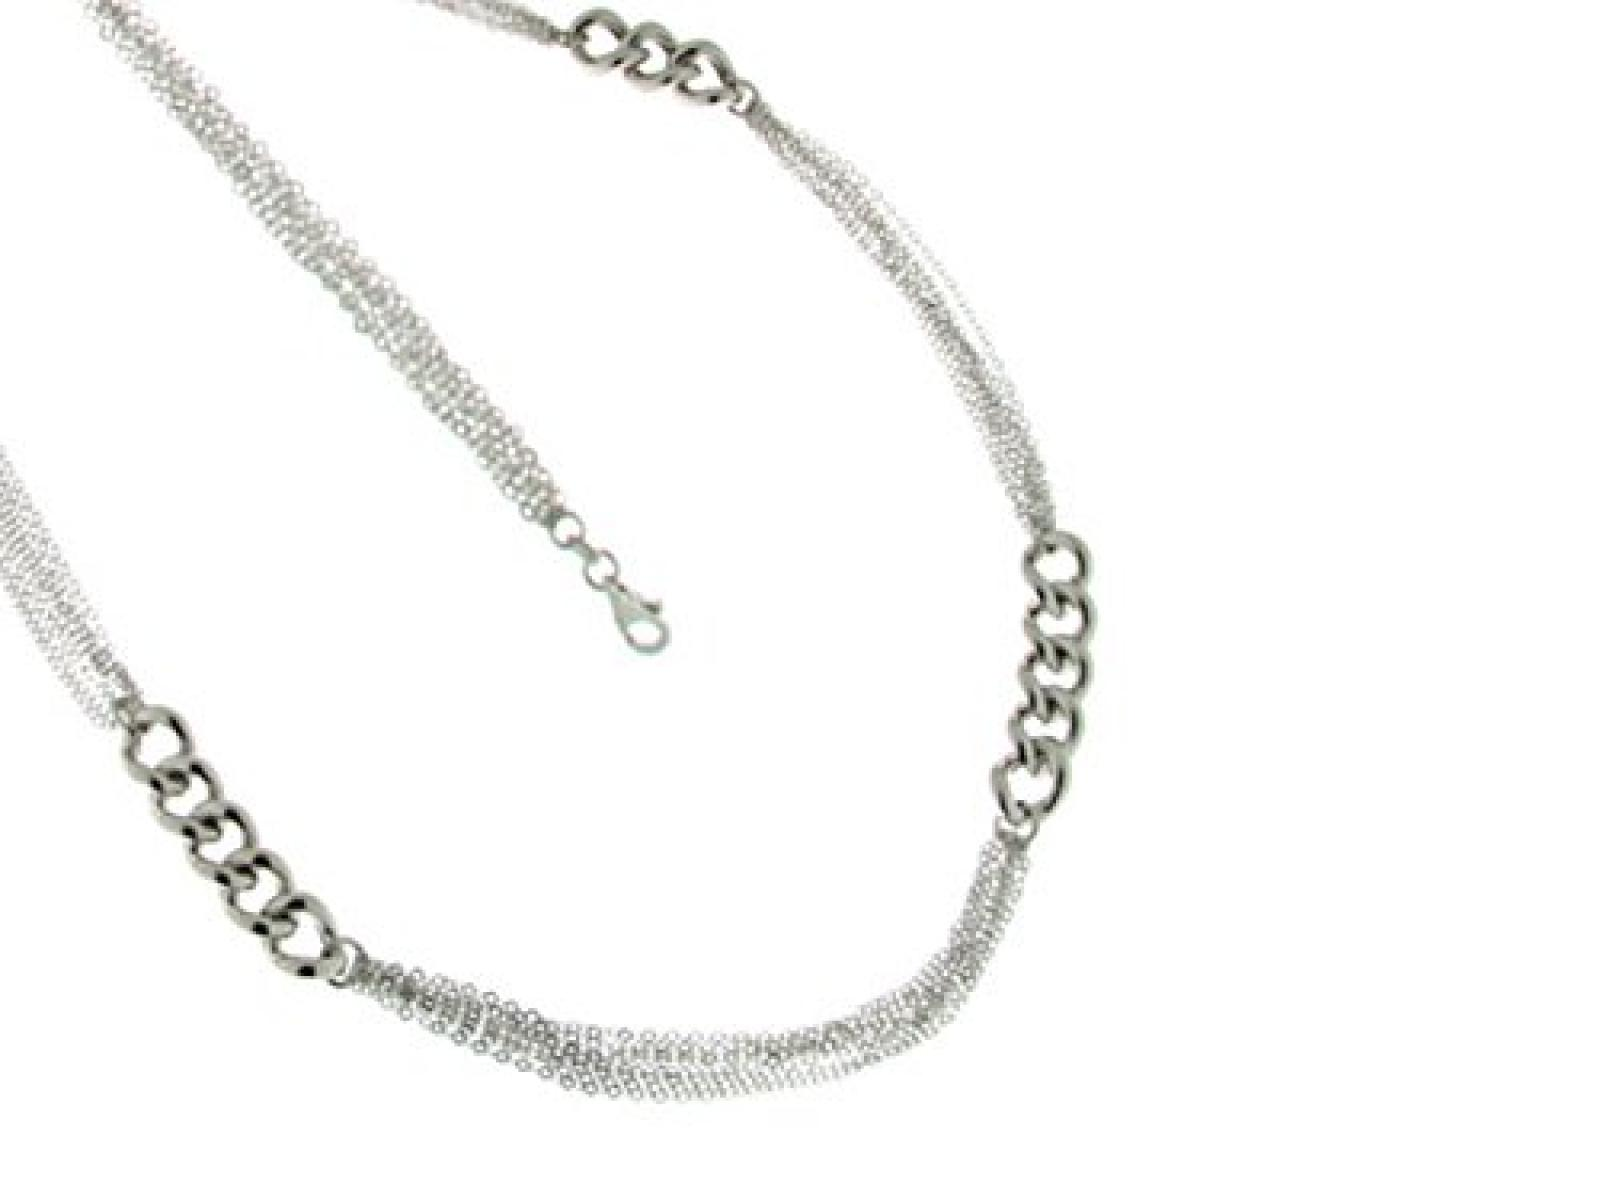 Kettenworld Damen-Halskette ohne Anhänger 925 Sterling Silber rhodiniert 316667